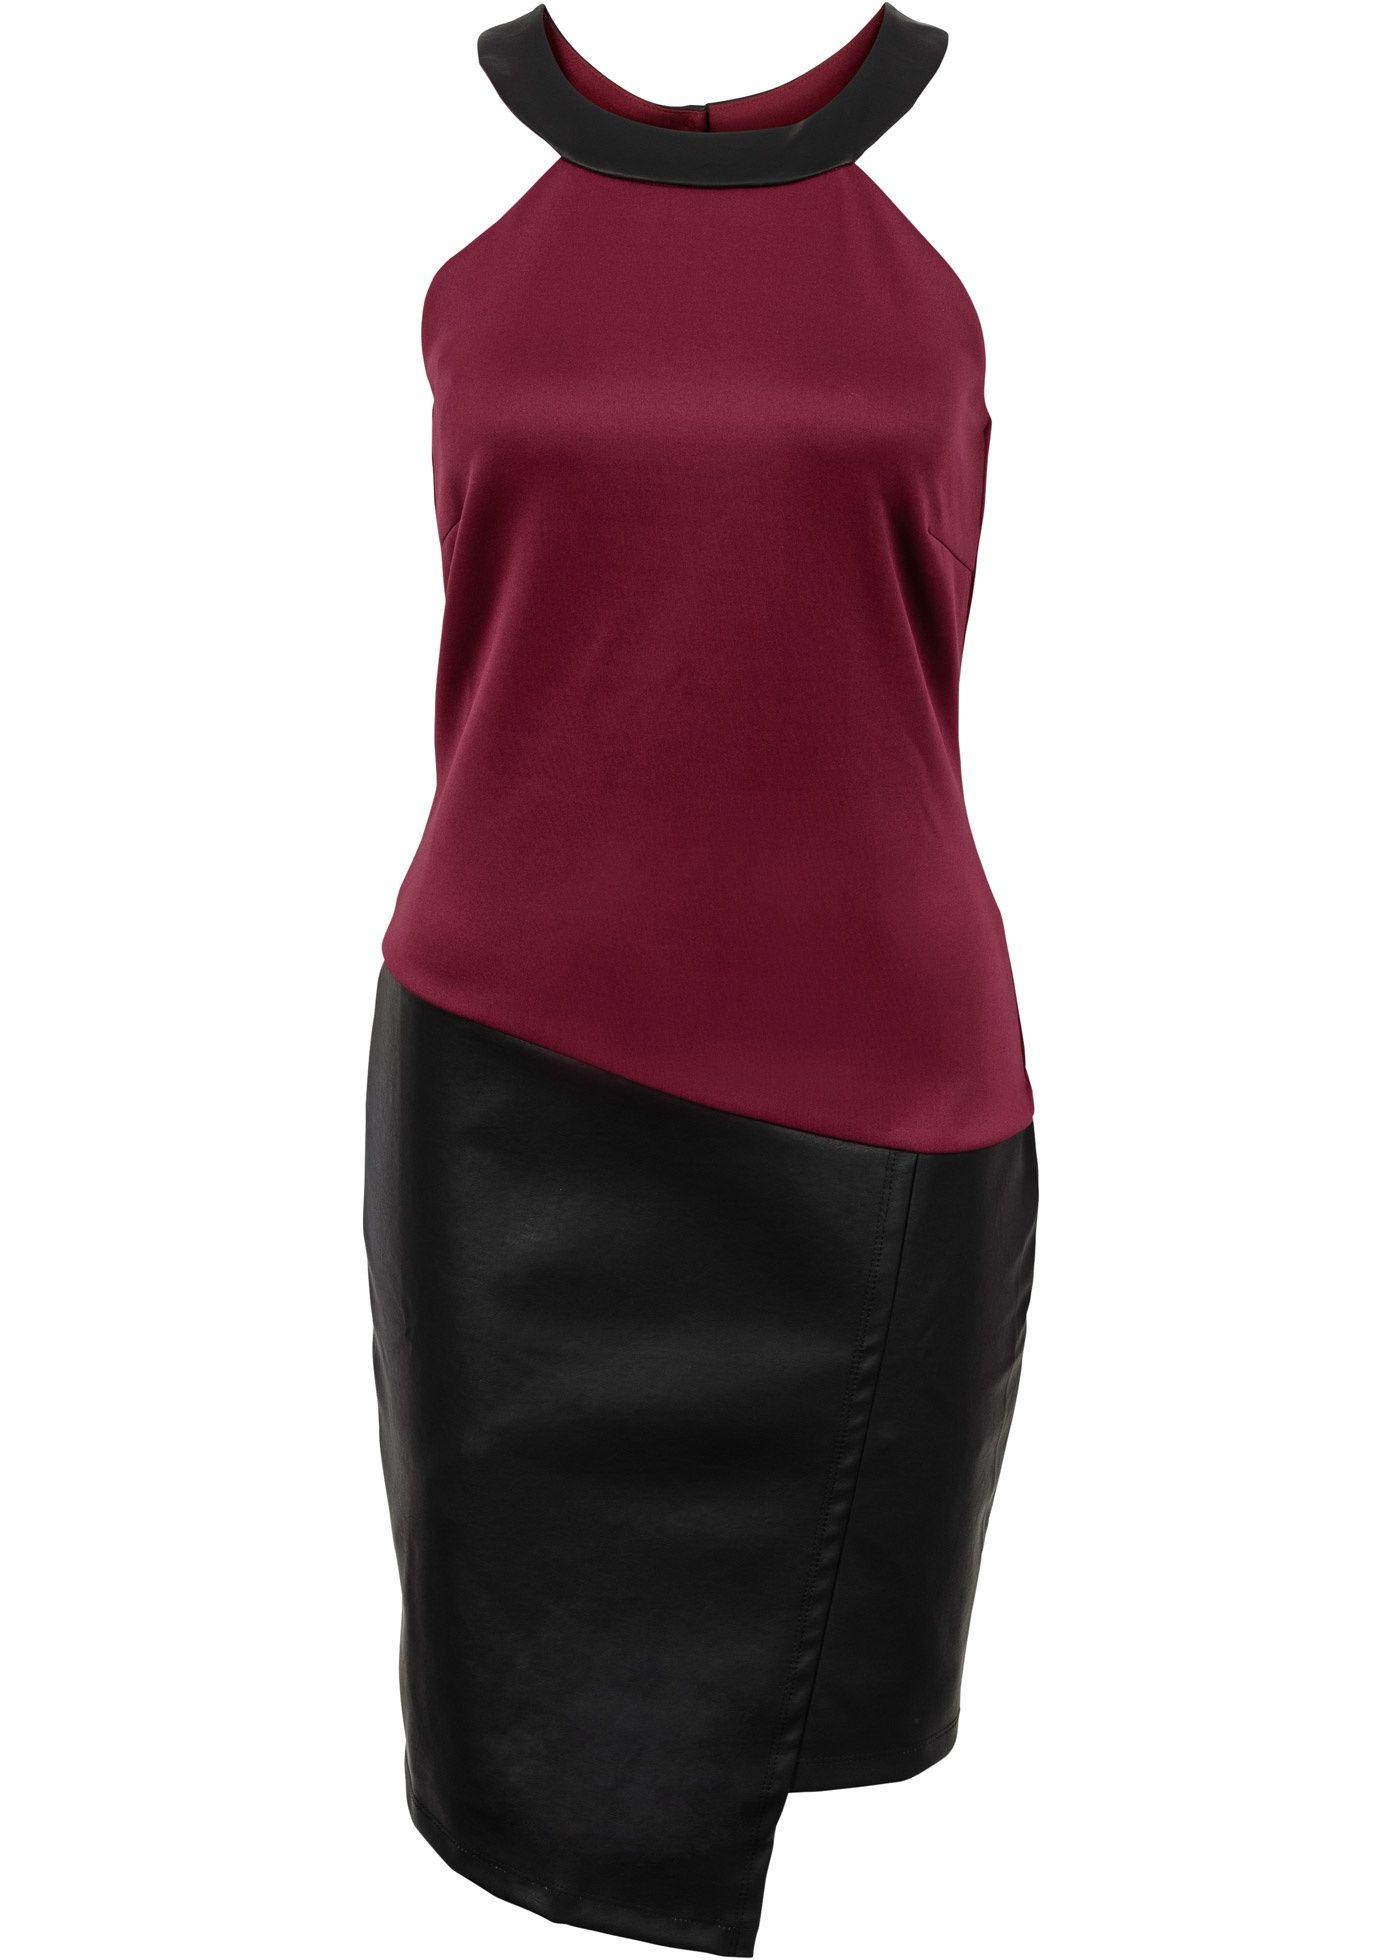 c69a734200c4 Commandez maintenant Robe de soirée rouge - BODYFLIRT boutique à ...